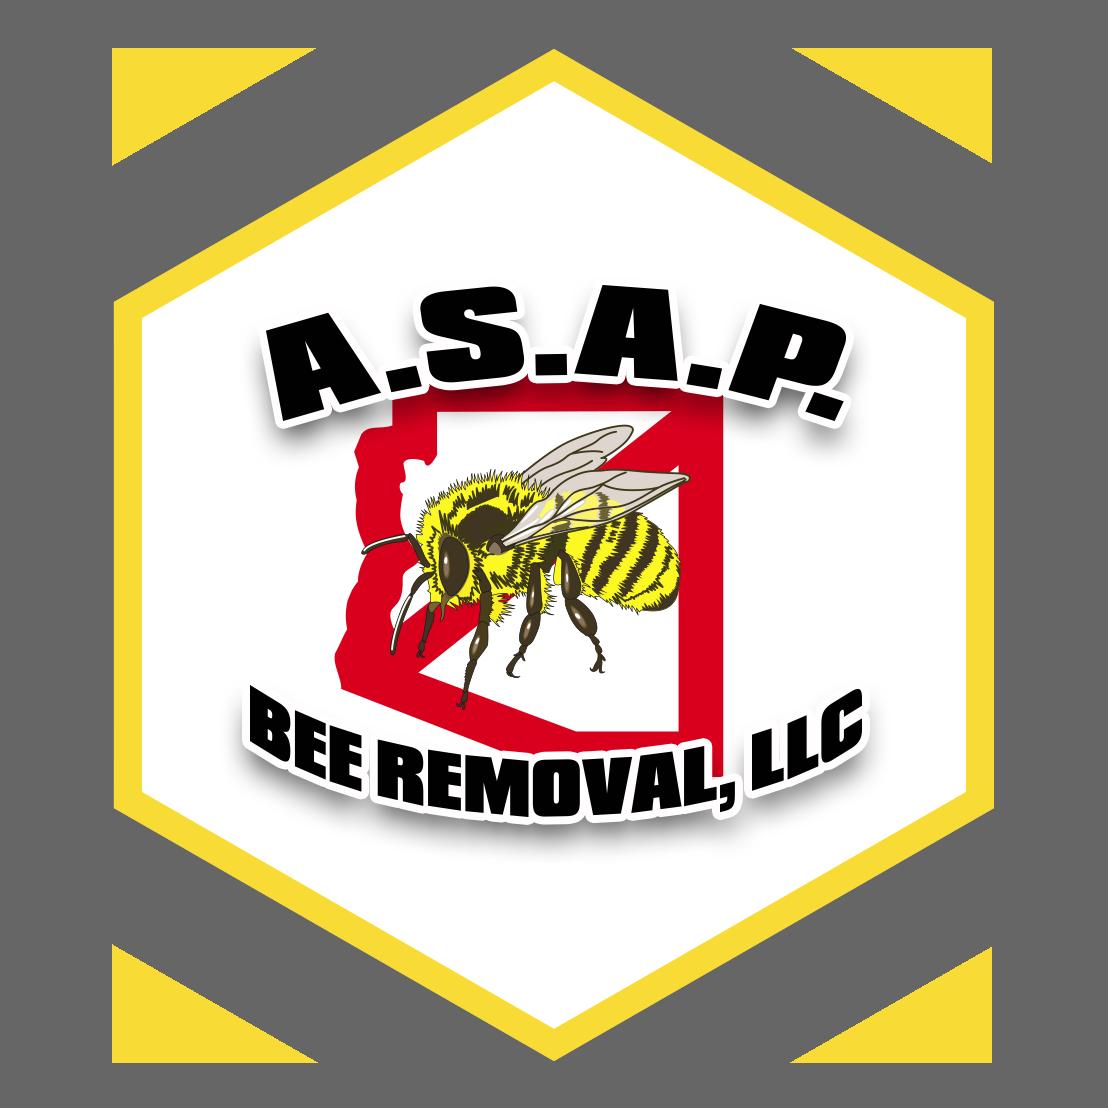 A.S.A.P. Bee Removal, AZ